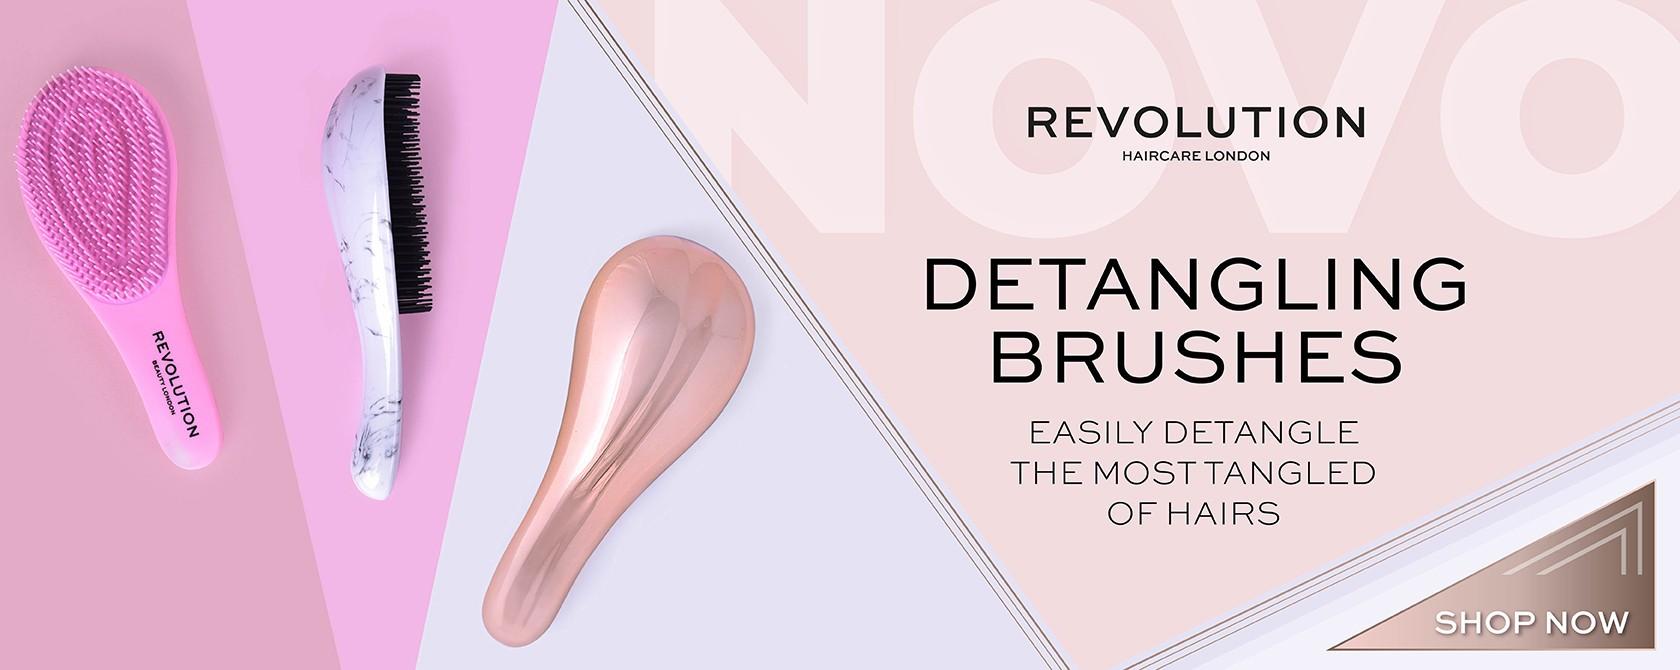 NEW Revolution hair brushes